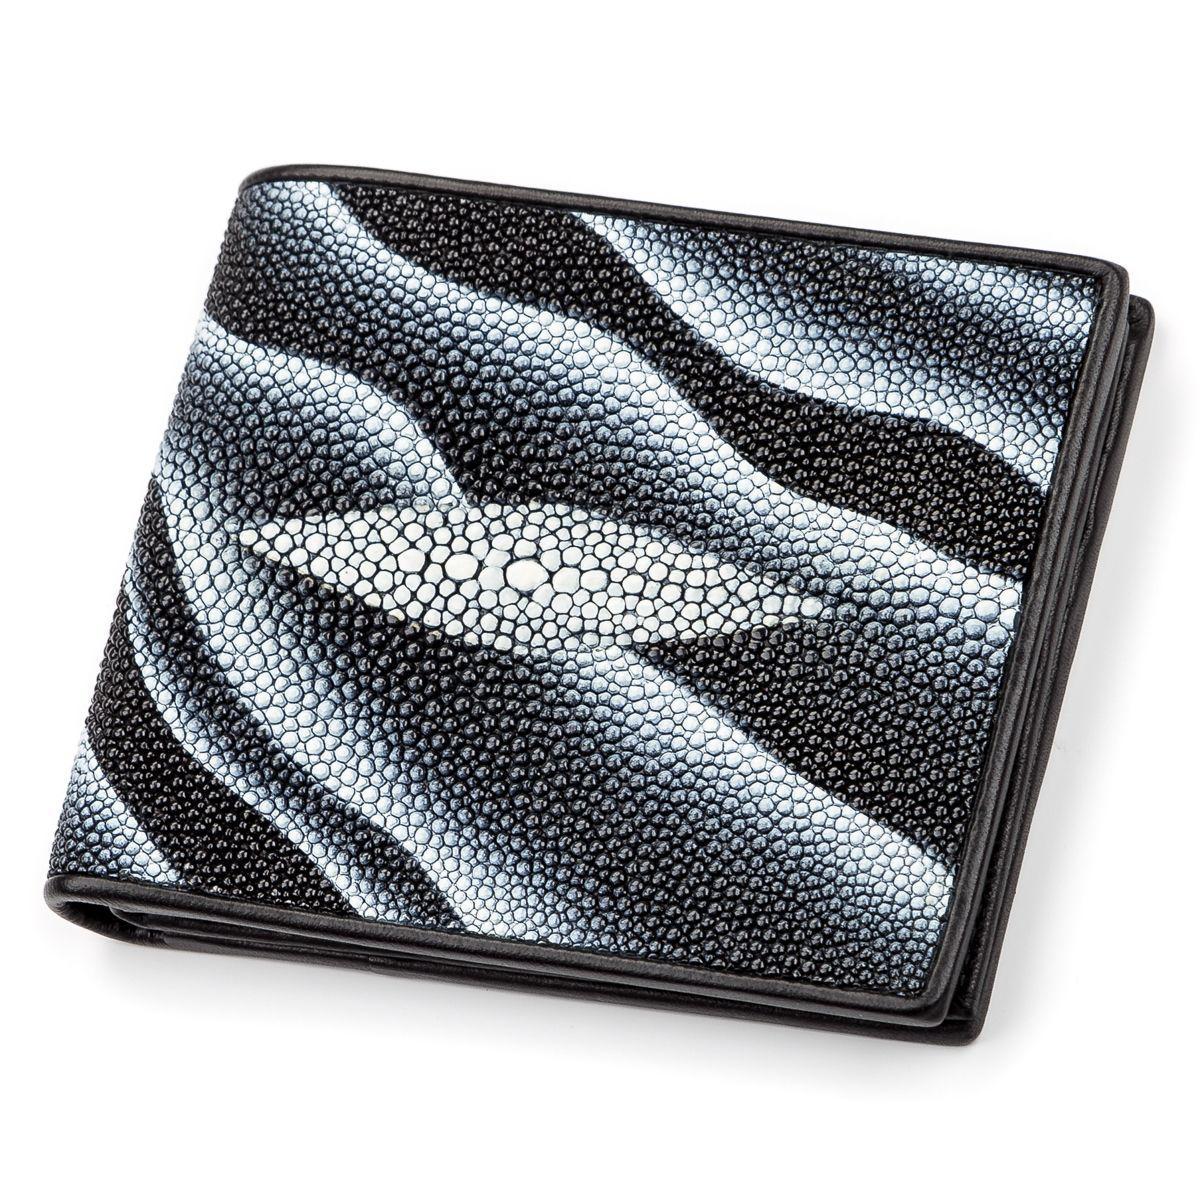 Портмоне мужское STINGRAY LEATHER 18061 из натуральной кожи морского ската Черное, Черный